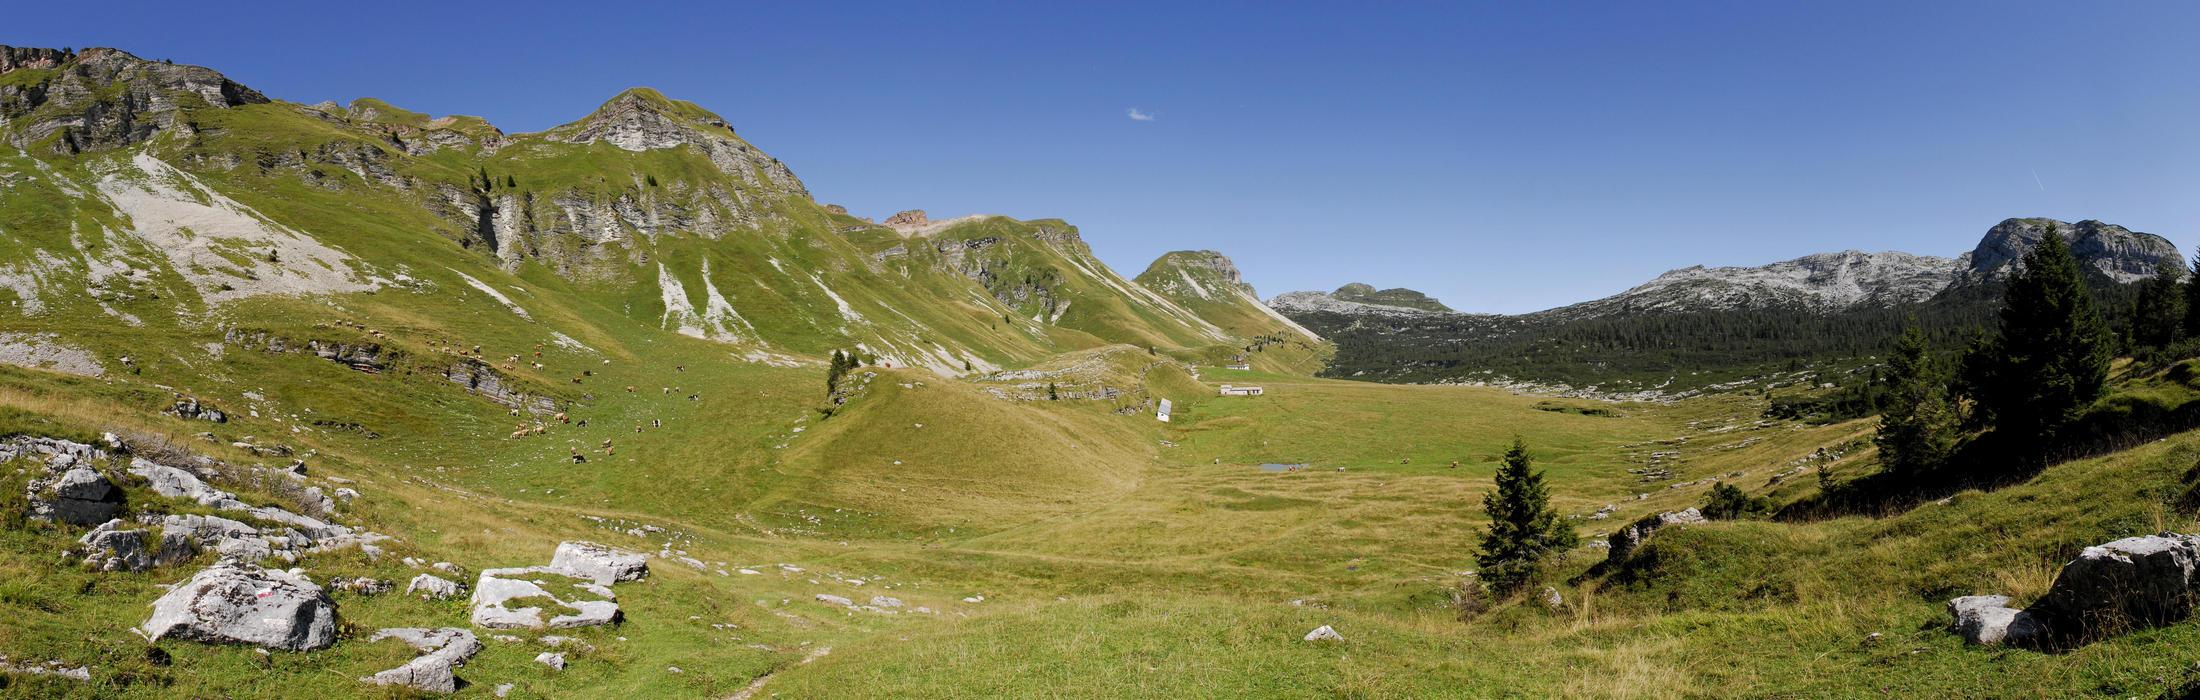 Piani Eterni Val Canzoi Cesiomaggiore Parco Nazionale Dolomiti